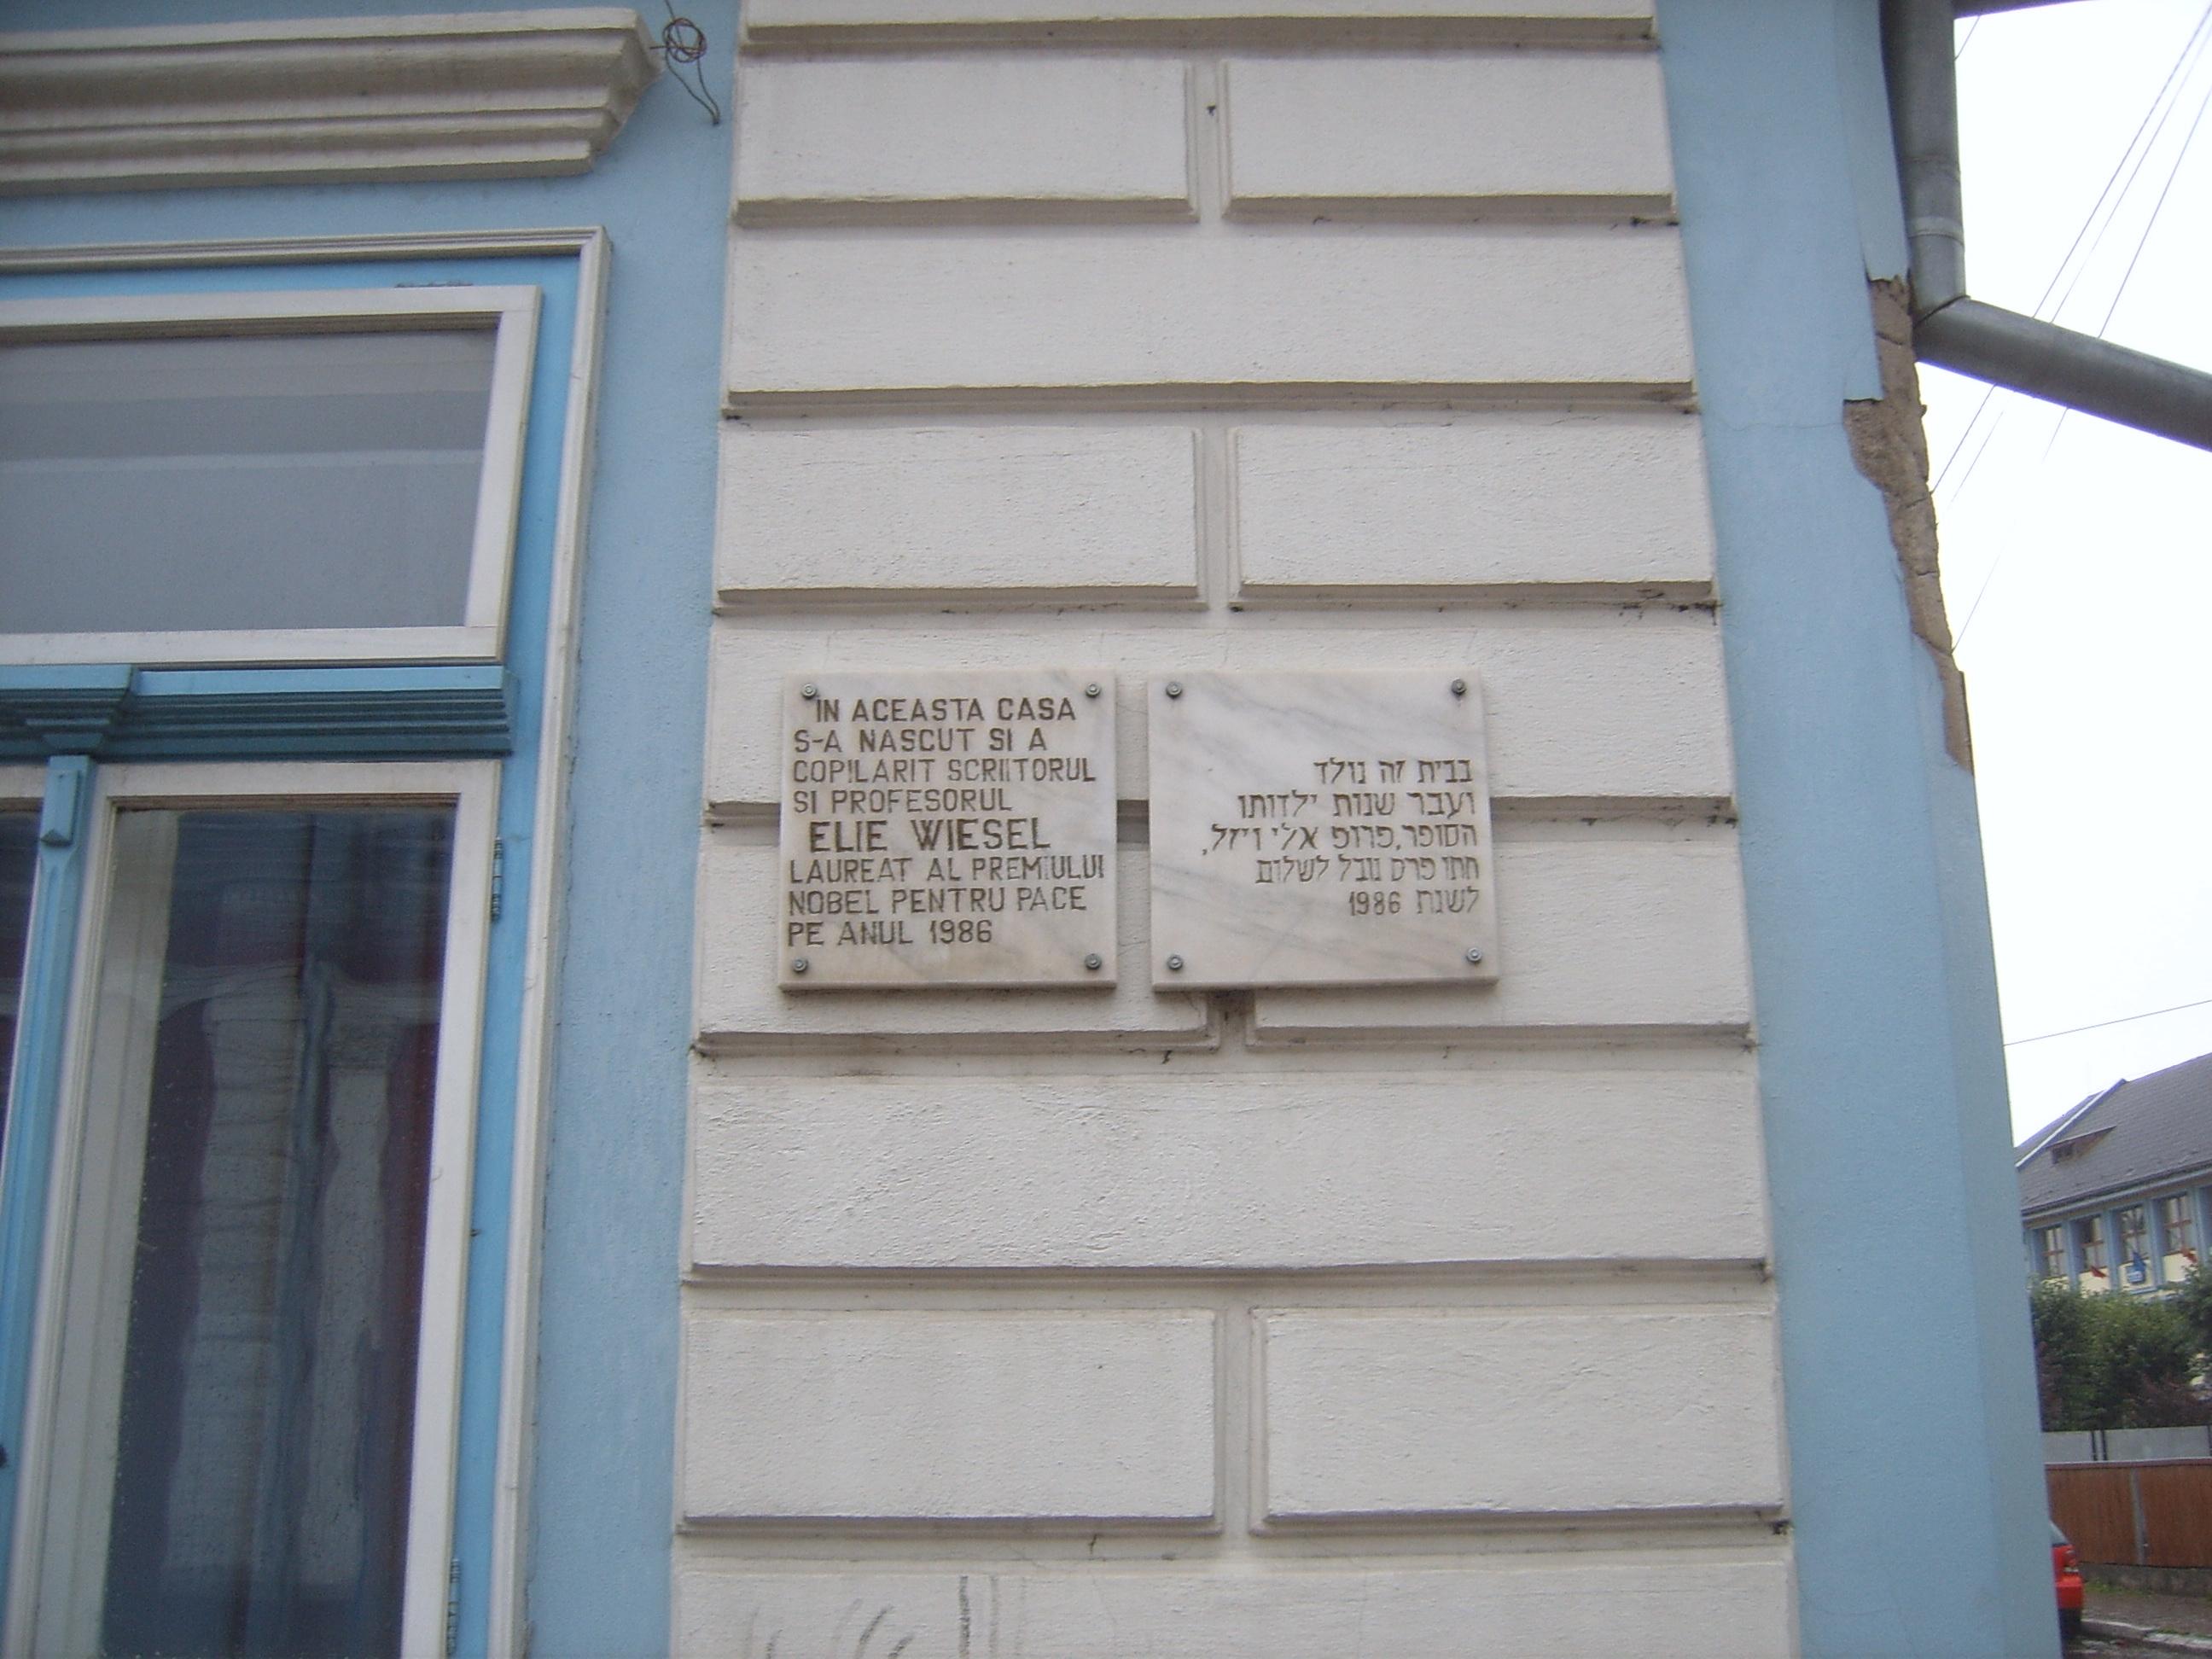 File:Elie wiesel house in sighet02.jpg - Wikimedia Commons